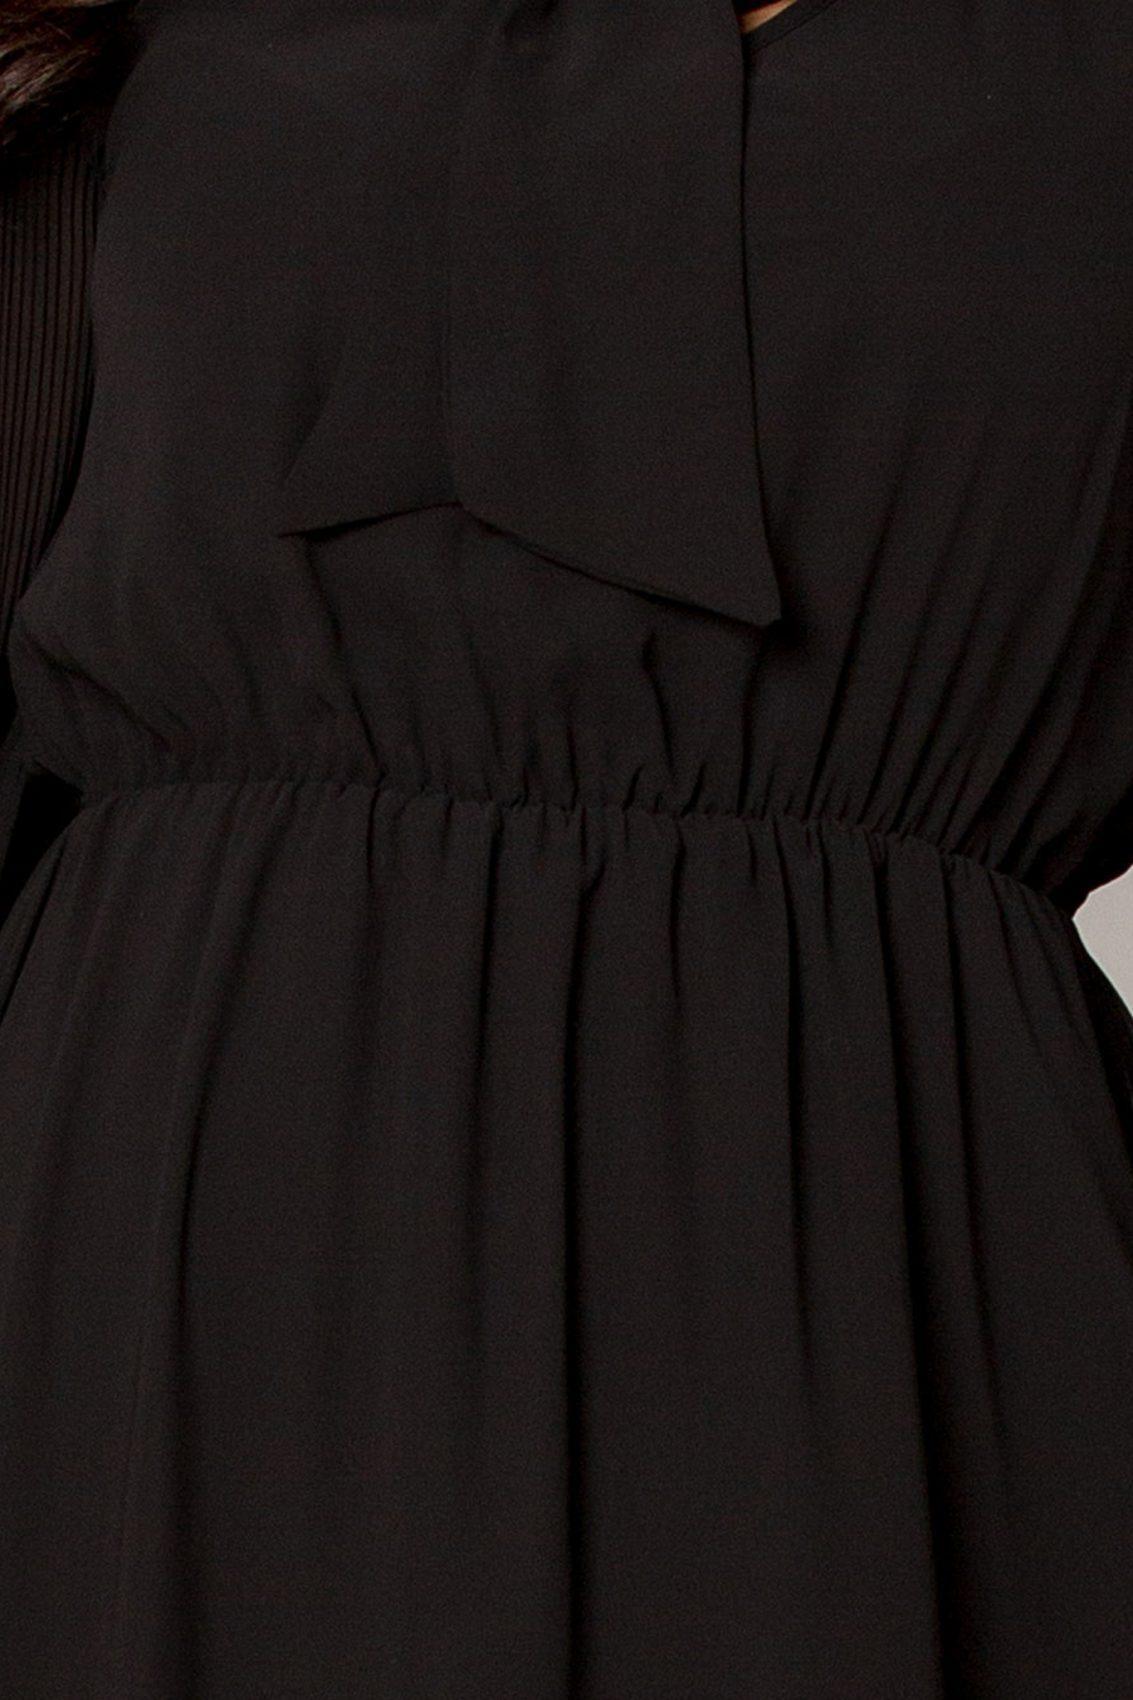 Christa Μαύρο Φόρεμα 5321